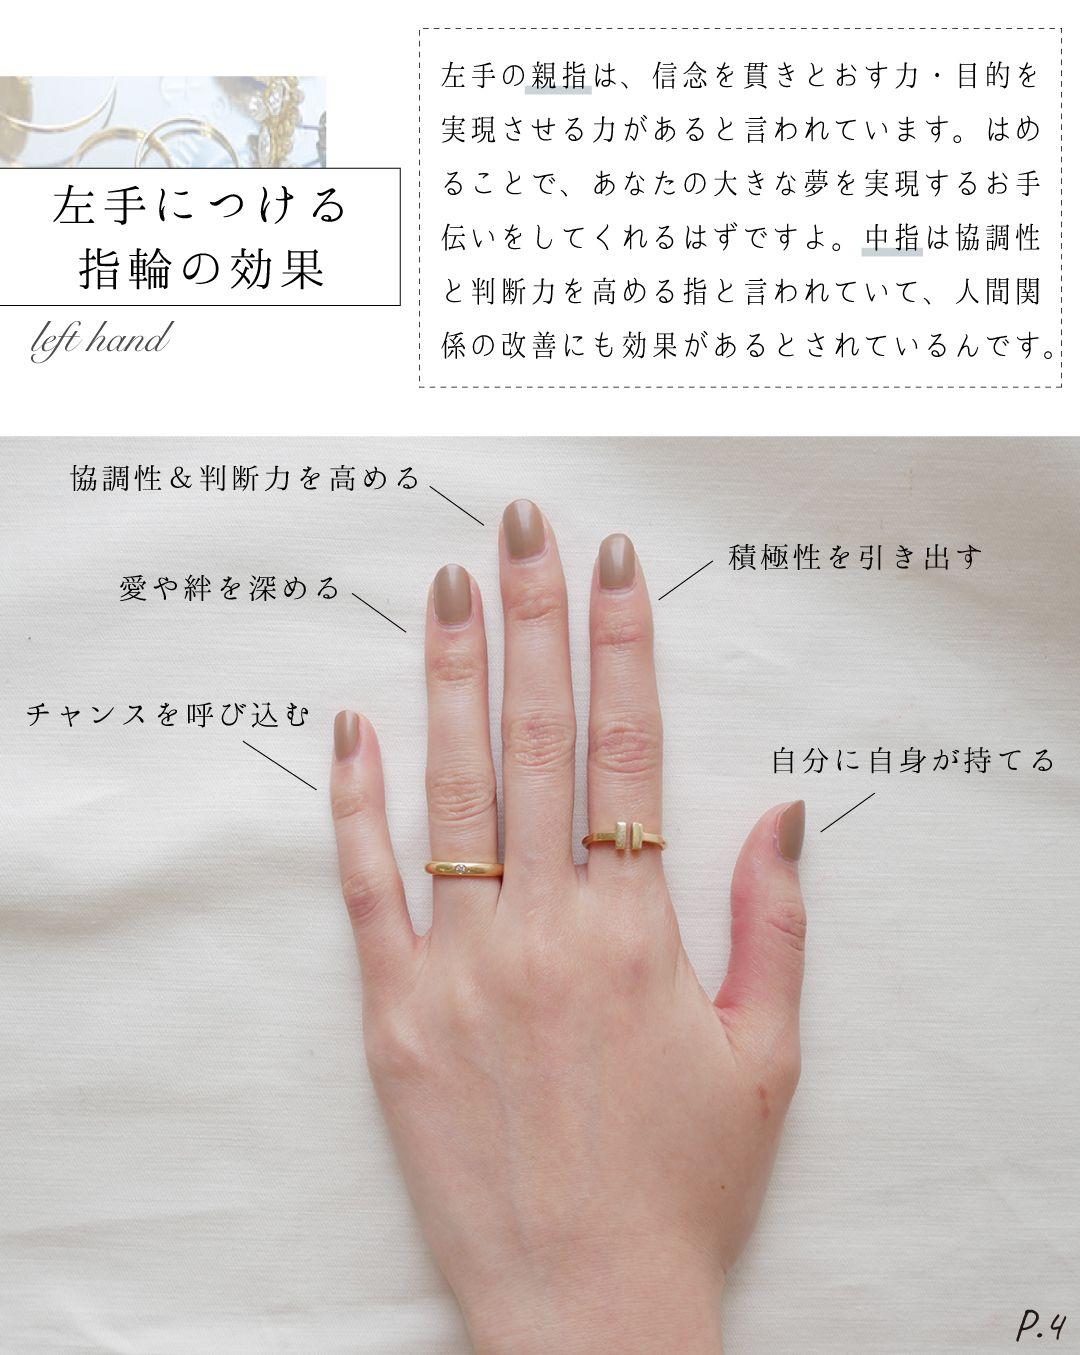 と 意味 指輪 の 位置